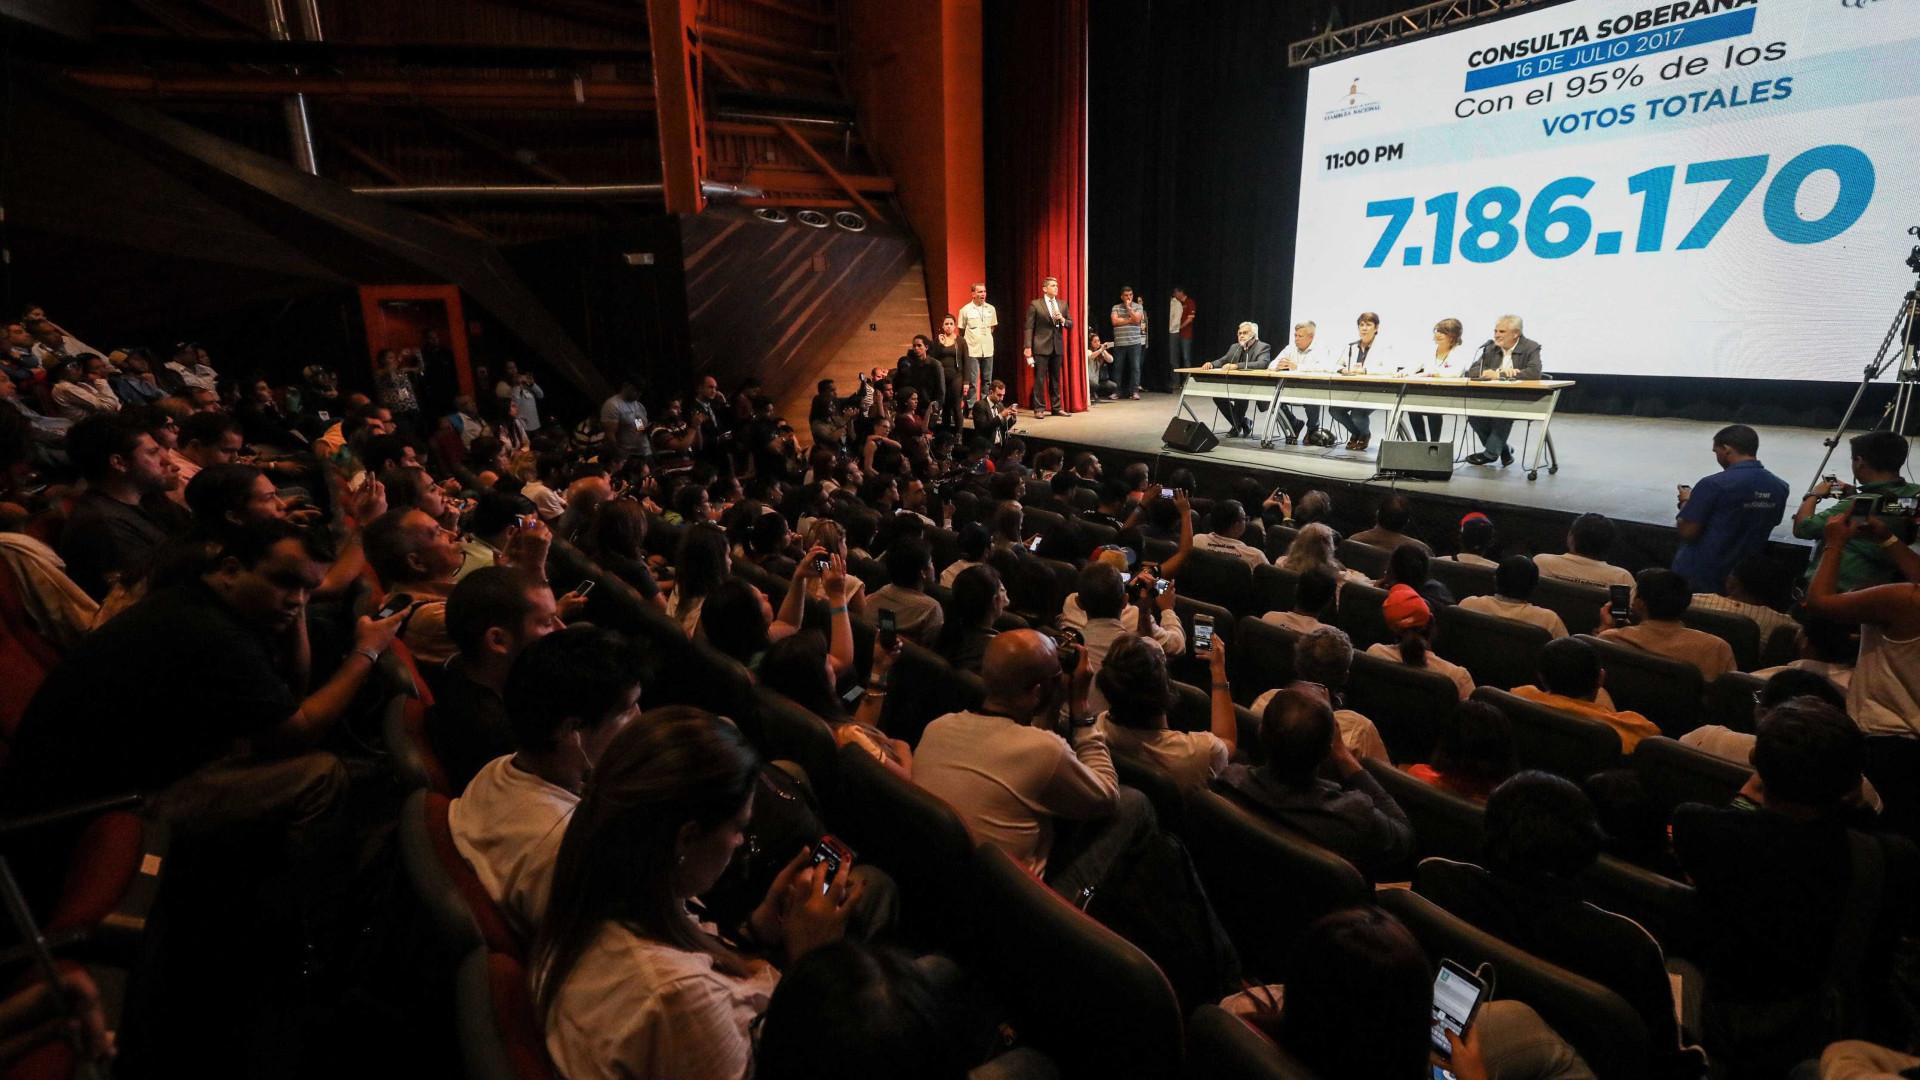 Mais de 7,1 milhões votam em consulta simbólica contra projeto de Maduro